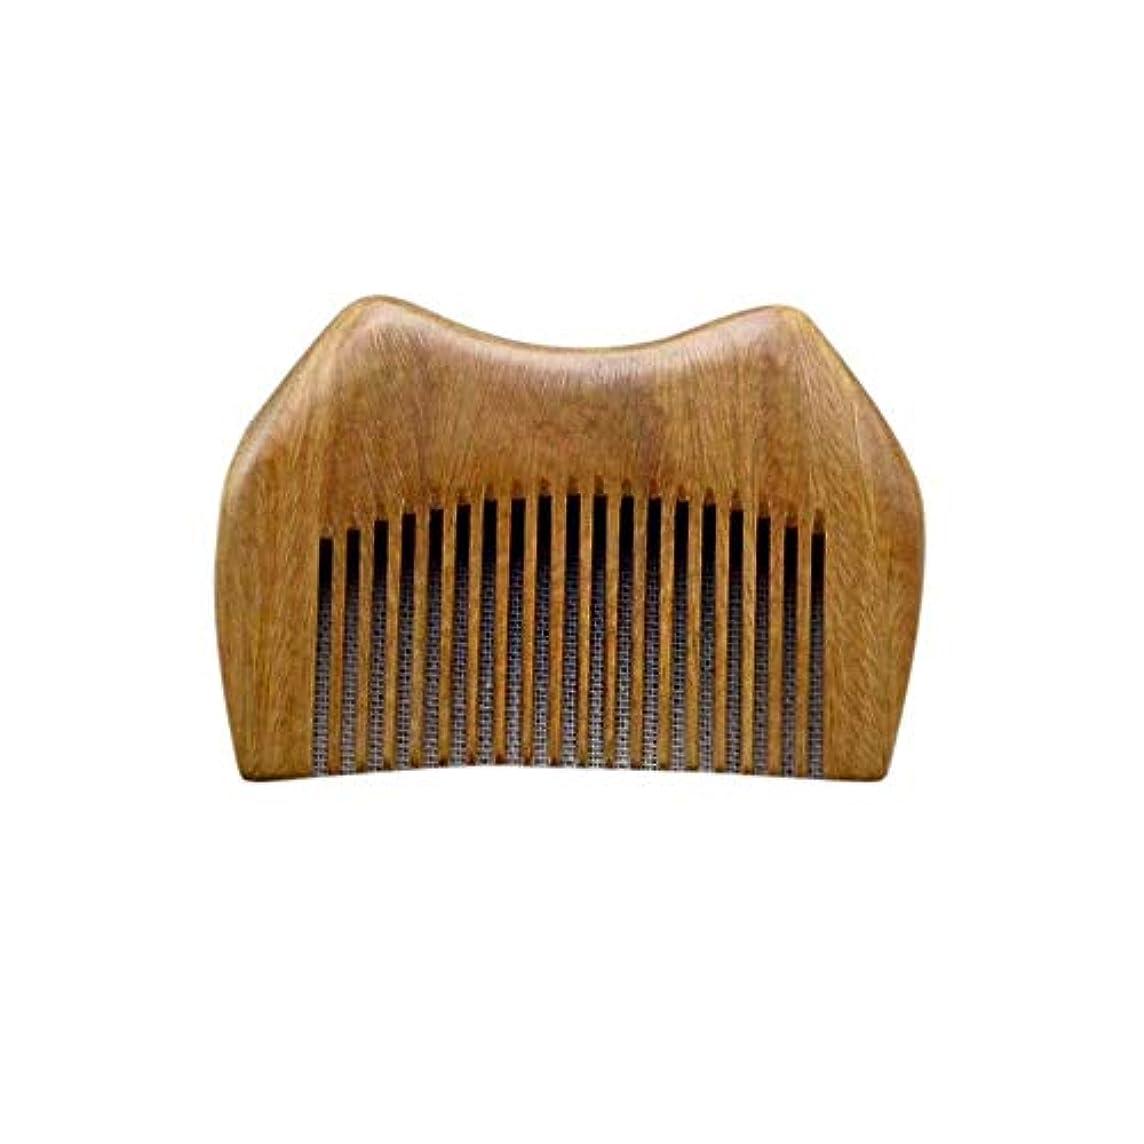 クレア宣言する葉を拾うヘアコーム理髪くし ショートハンドルに静的なグリーンサンダルウッドくし手作りの木製くし ヘアスタイリングコーム (Color : Photo color)